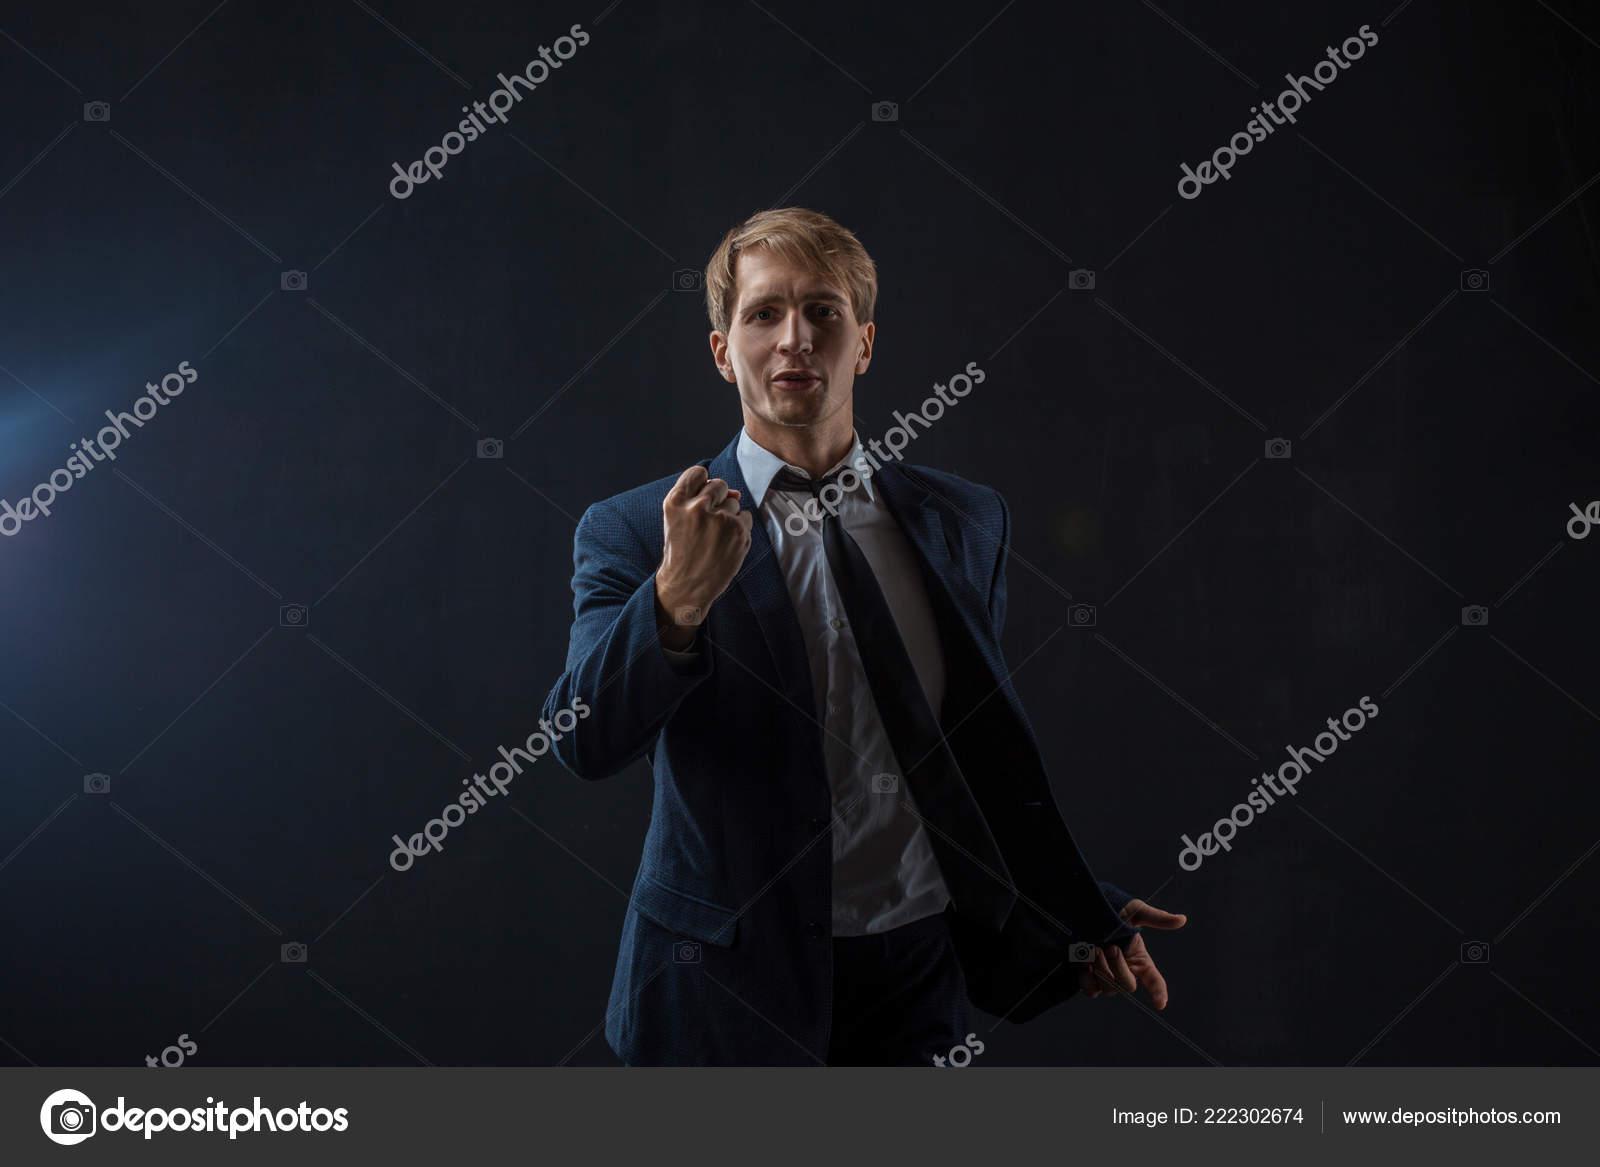 Un Ambicioso Hombre De Negocios Te Habla Orador